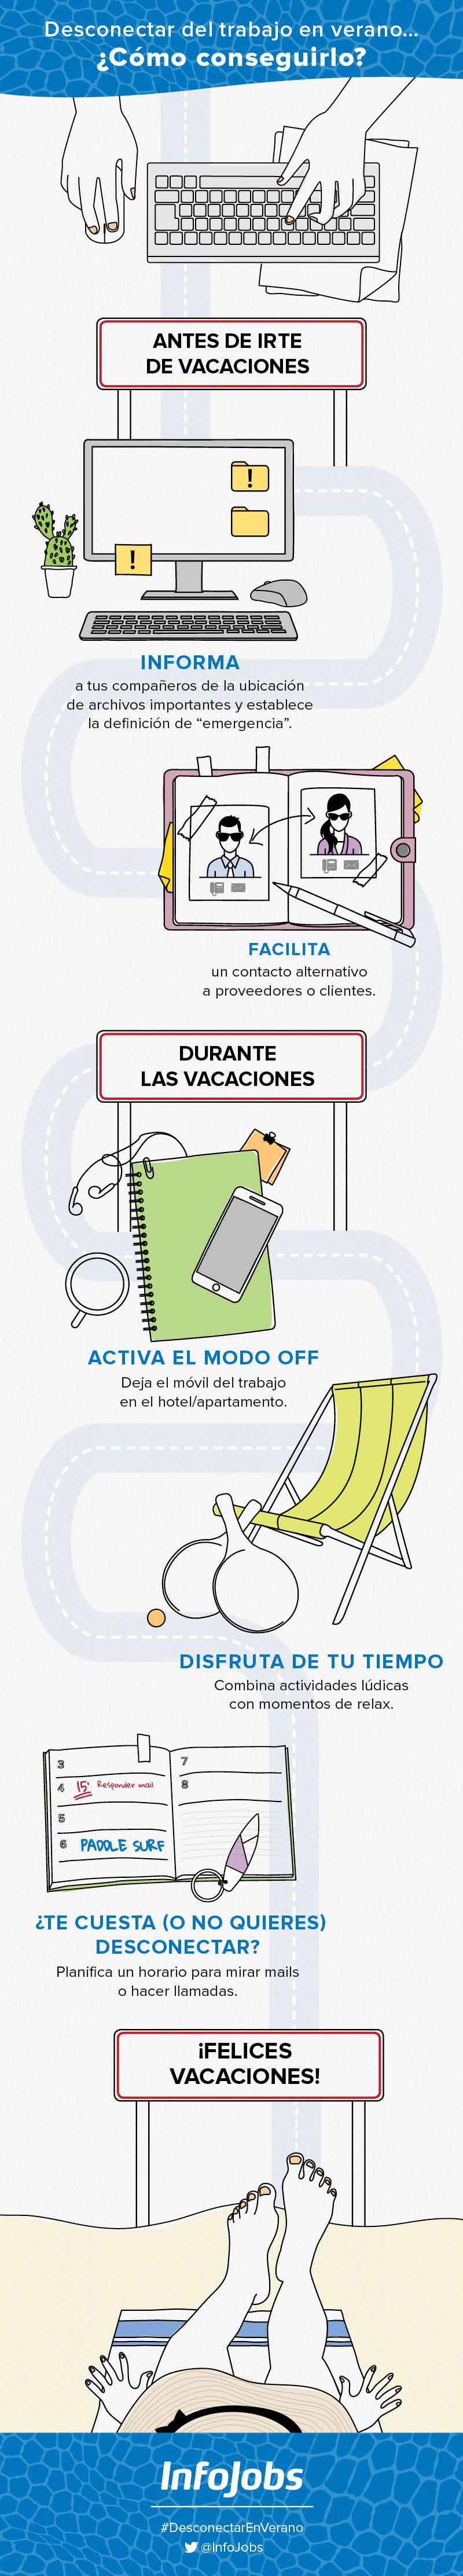 Desconectar del trabajo en vacaciones InfoJobs